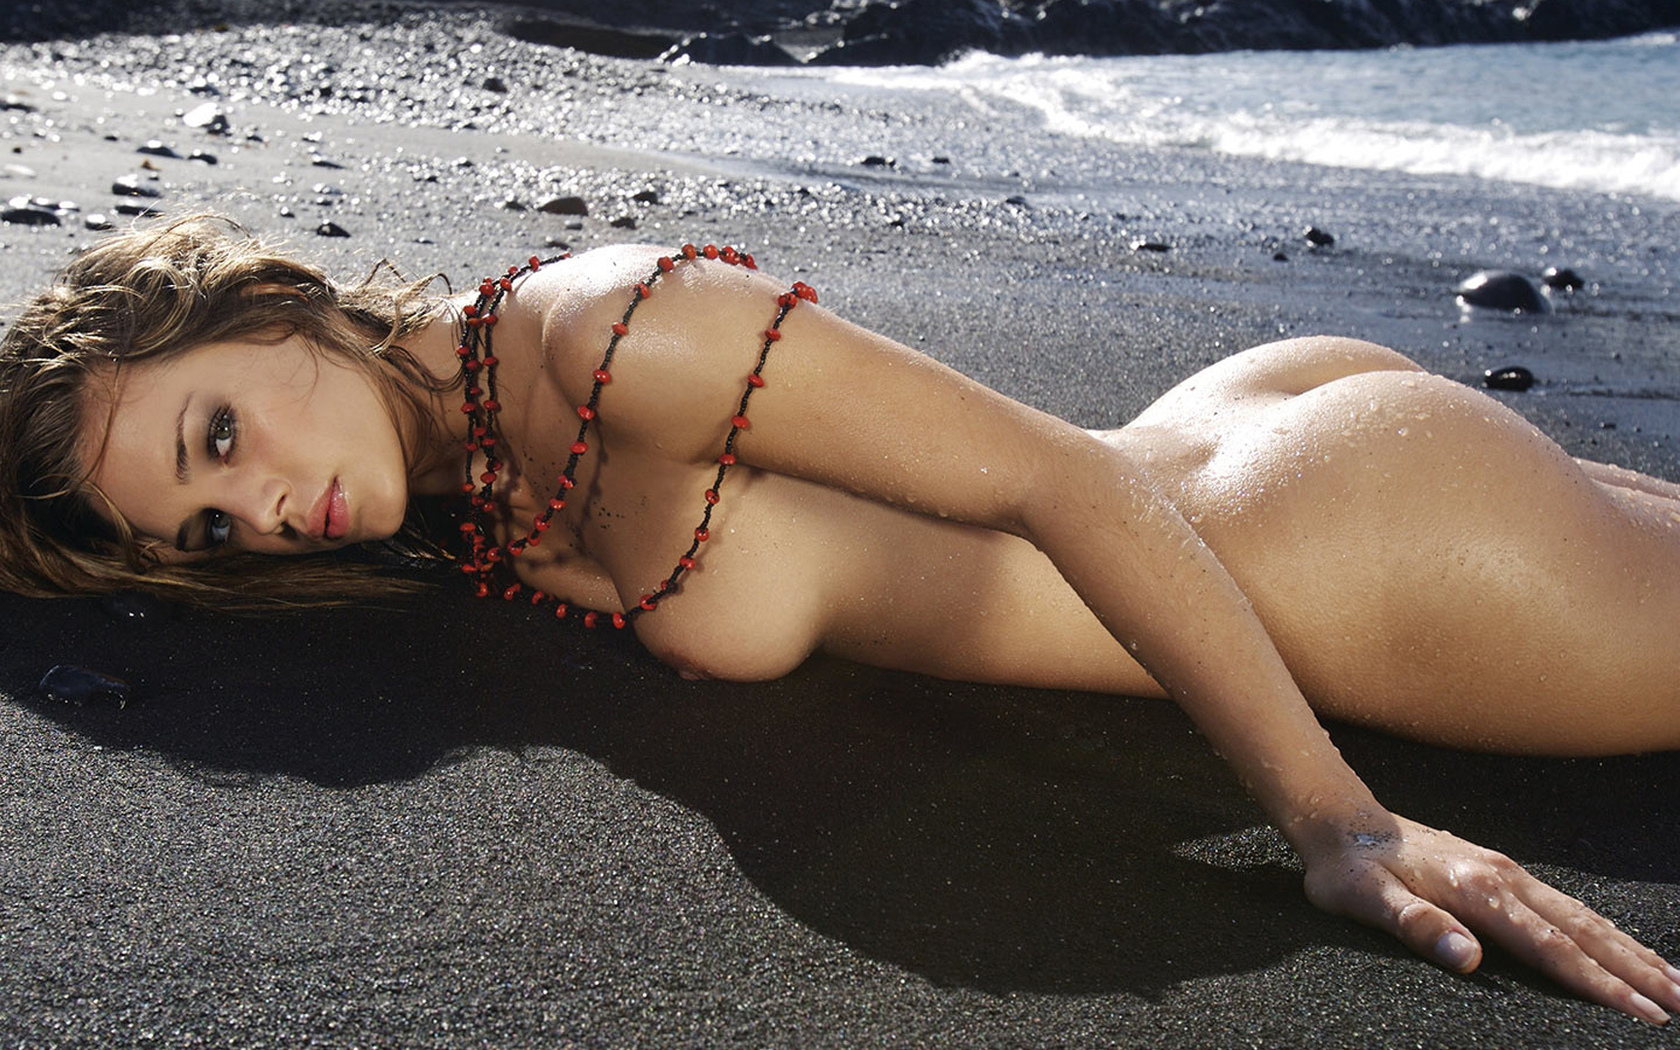 девушка, голая, красивая, грудь, пляж, лицо